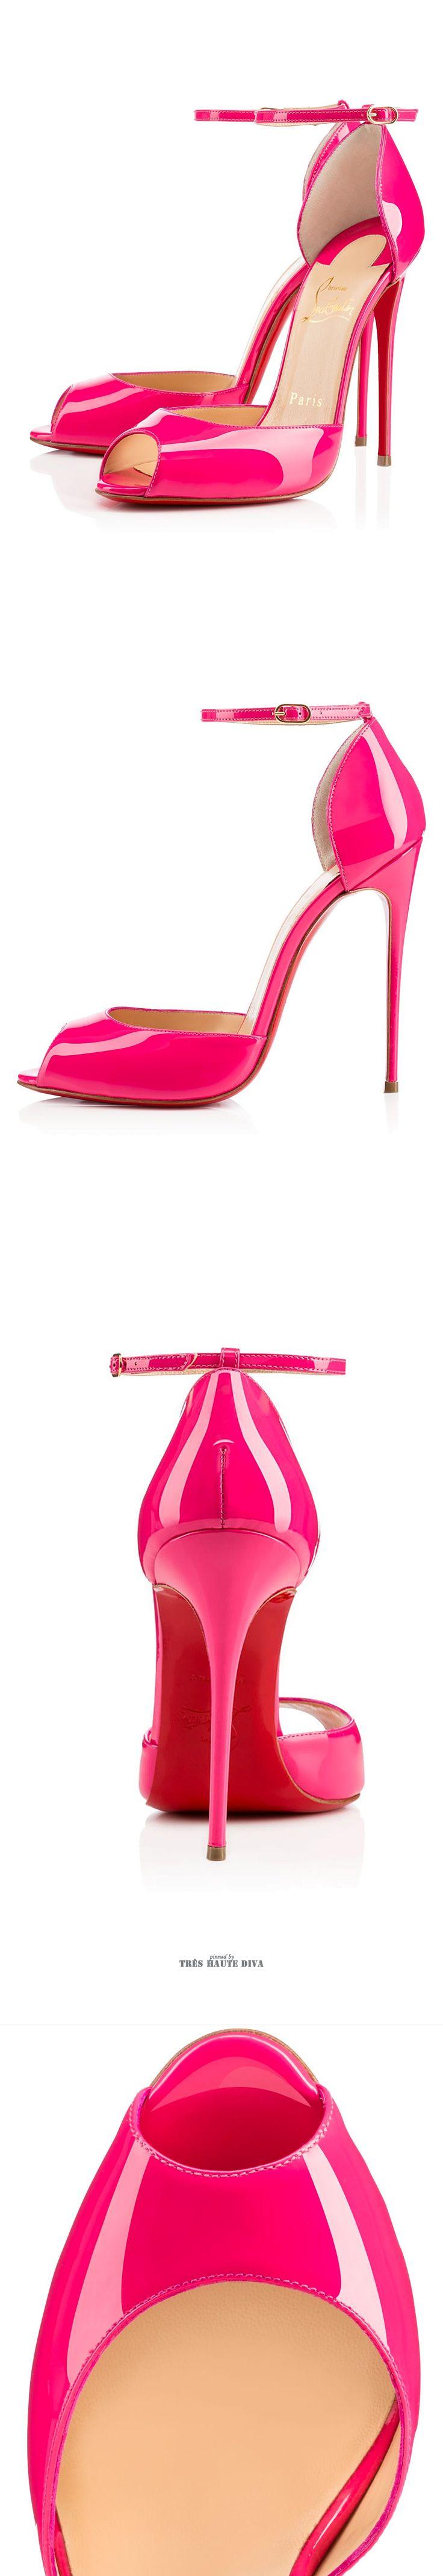 Christian Louboutin 'Gardnera' Hot Pink ♔THD♔